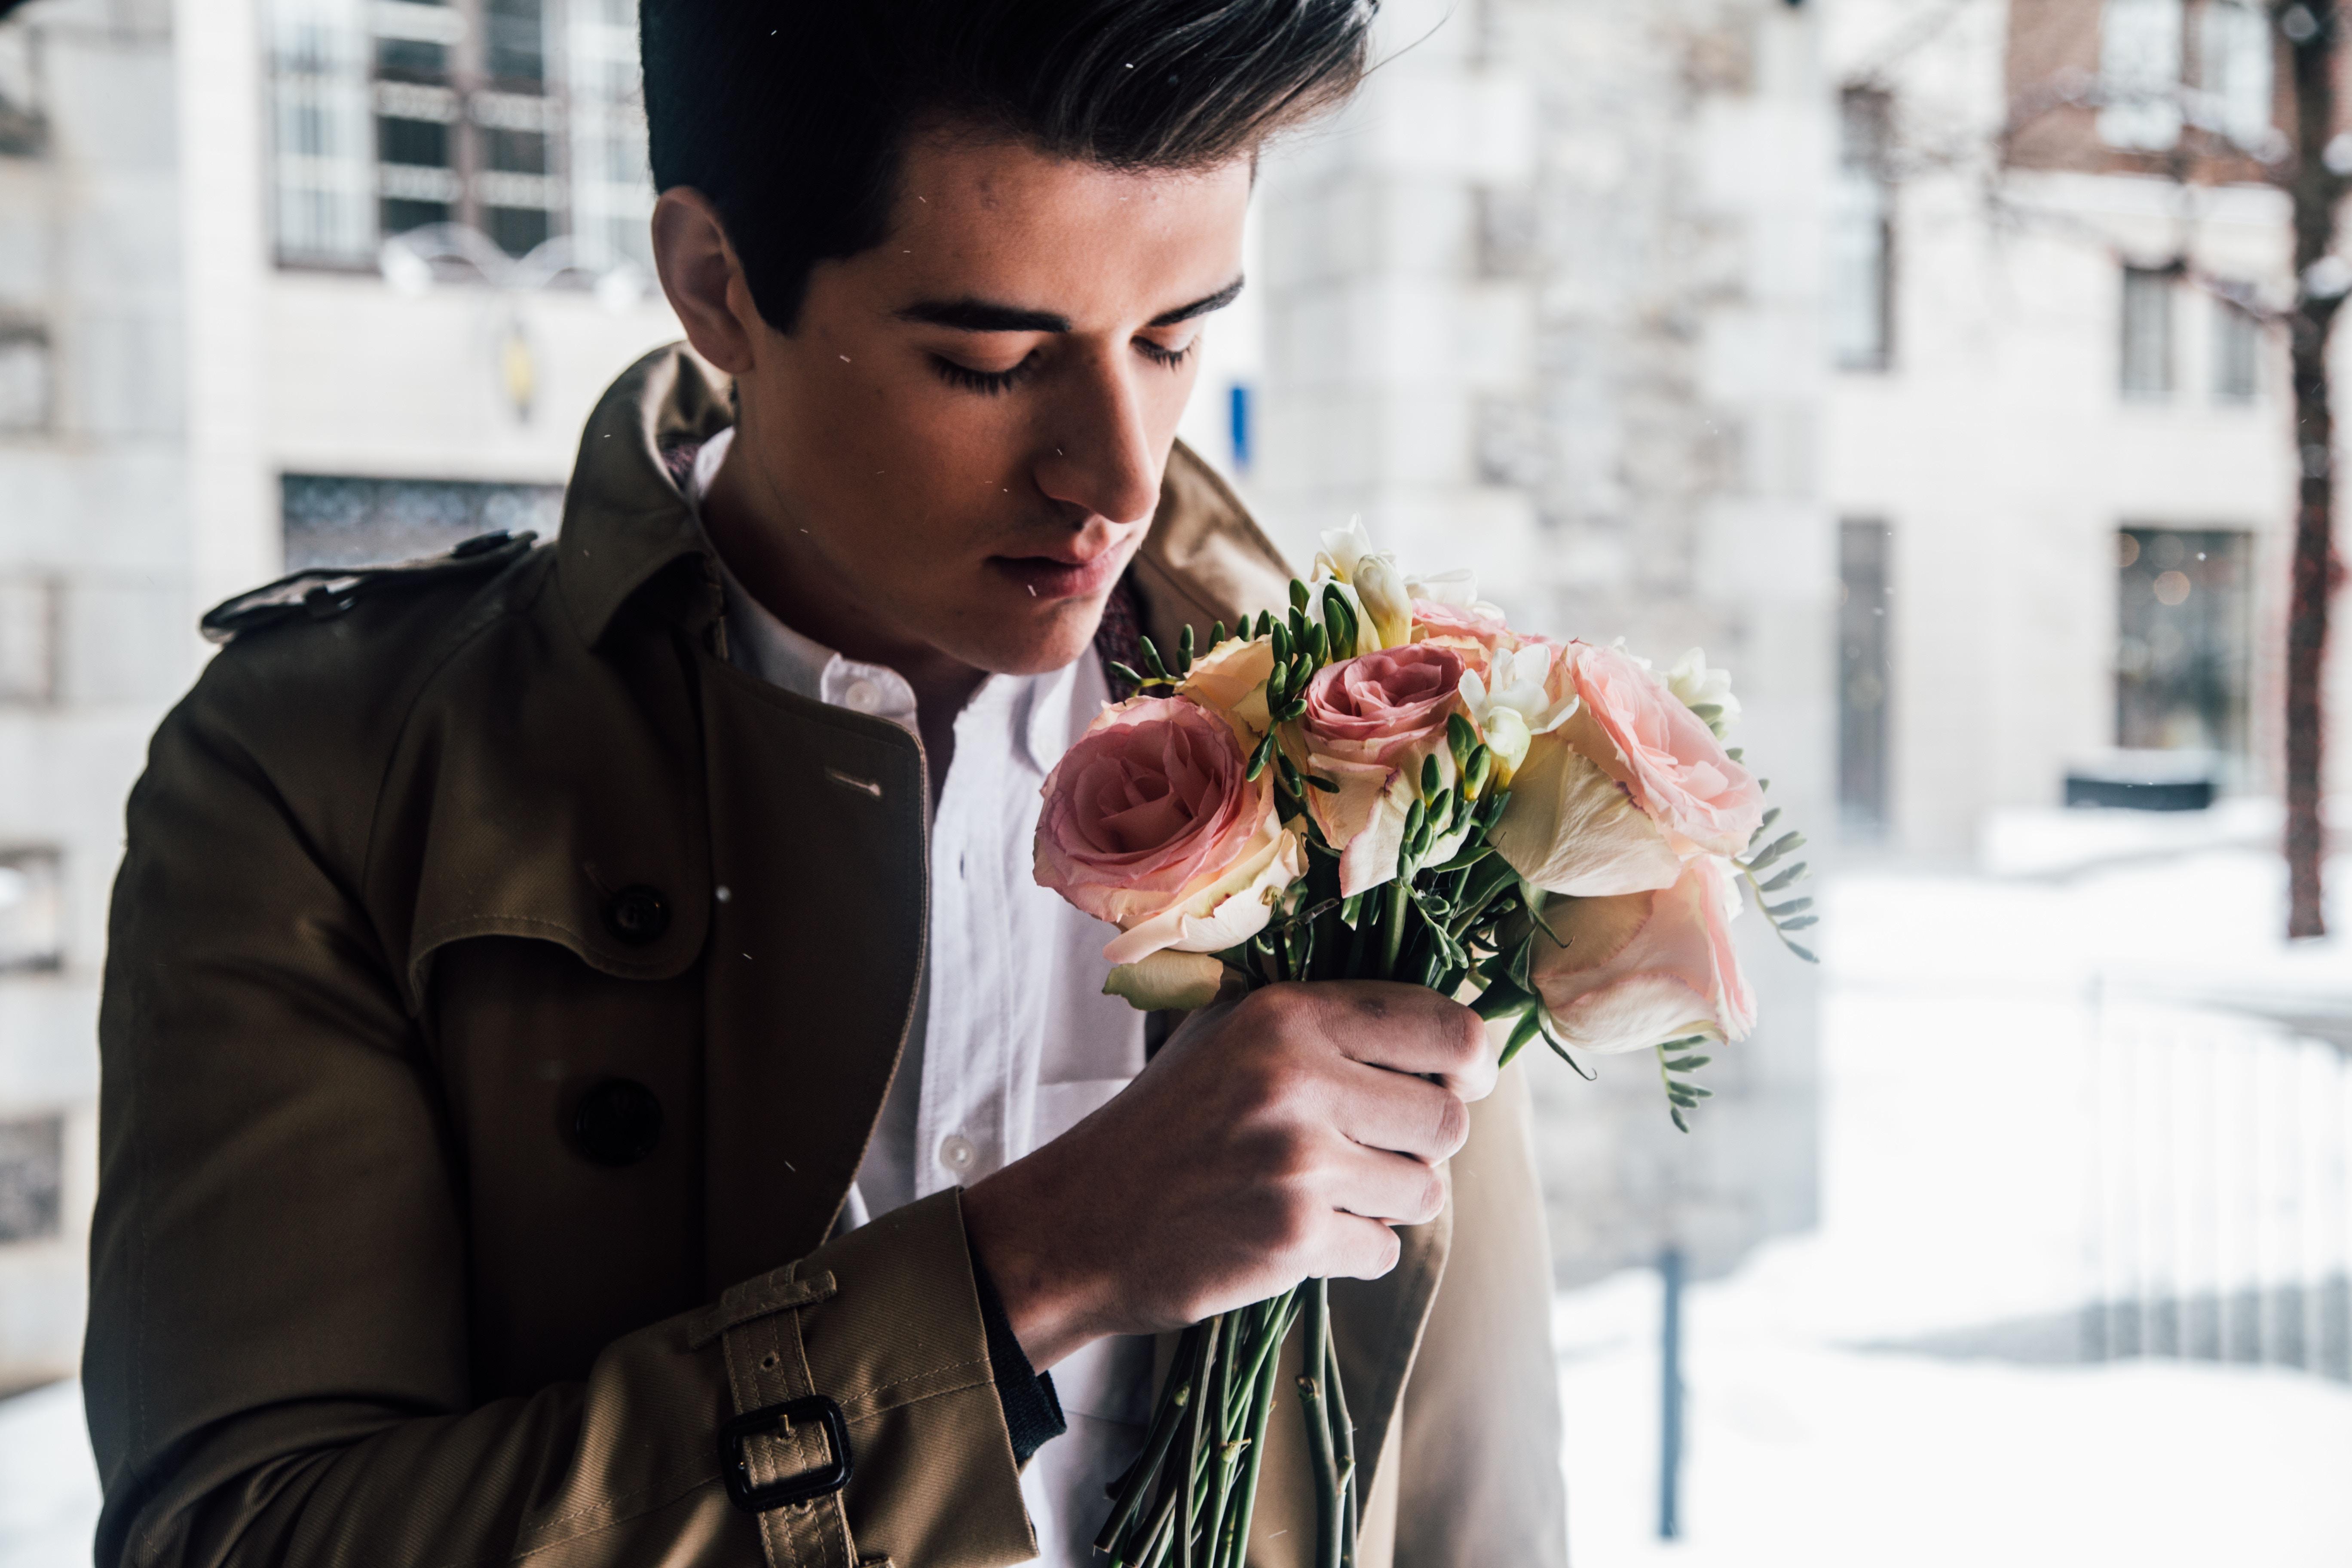 乙女座男性の性格の特徴とは?好意のサインや浮気・恋愛の傾向を調査